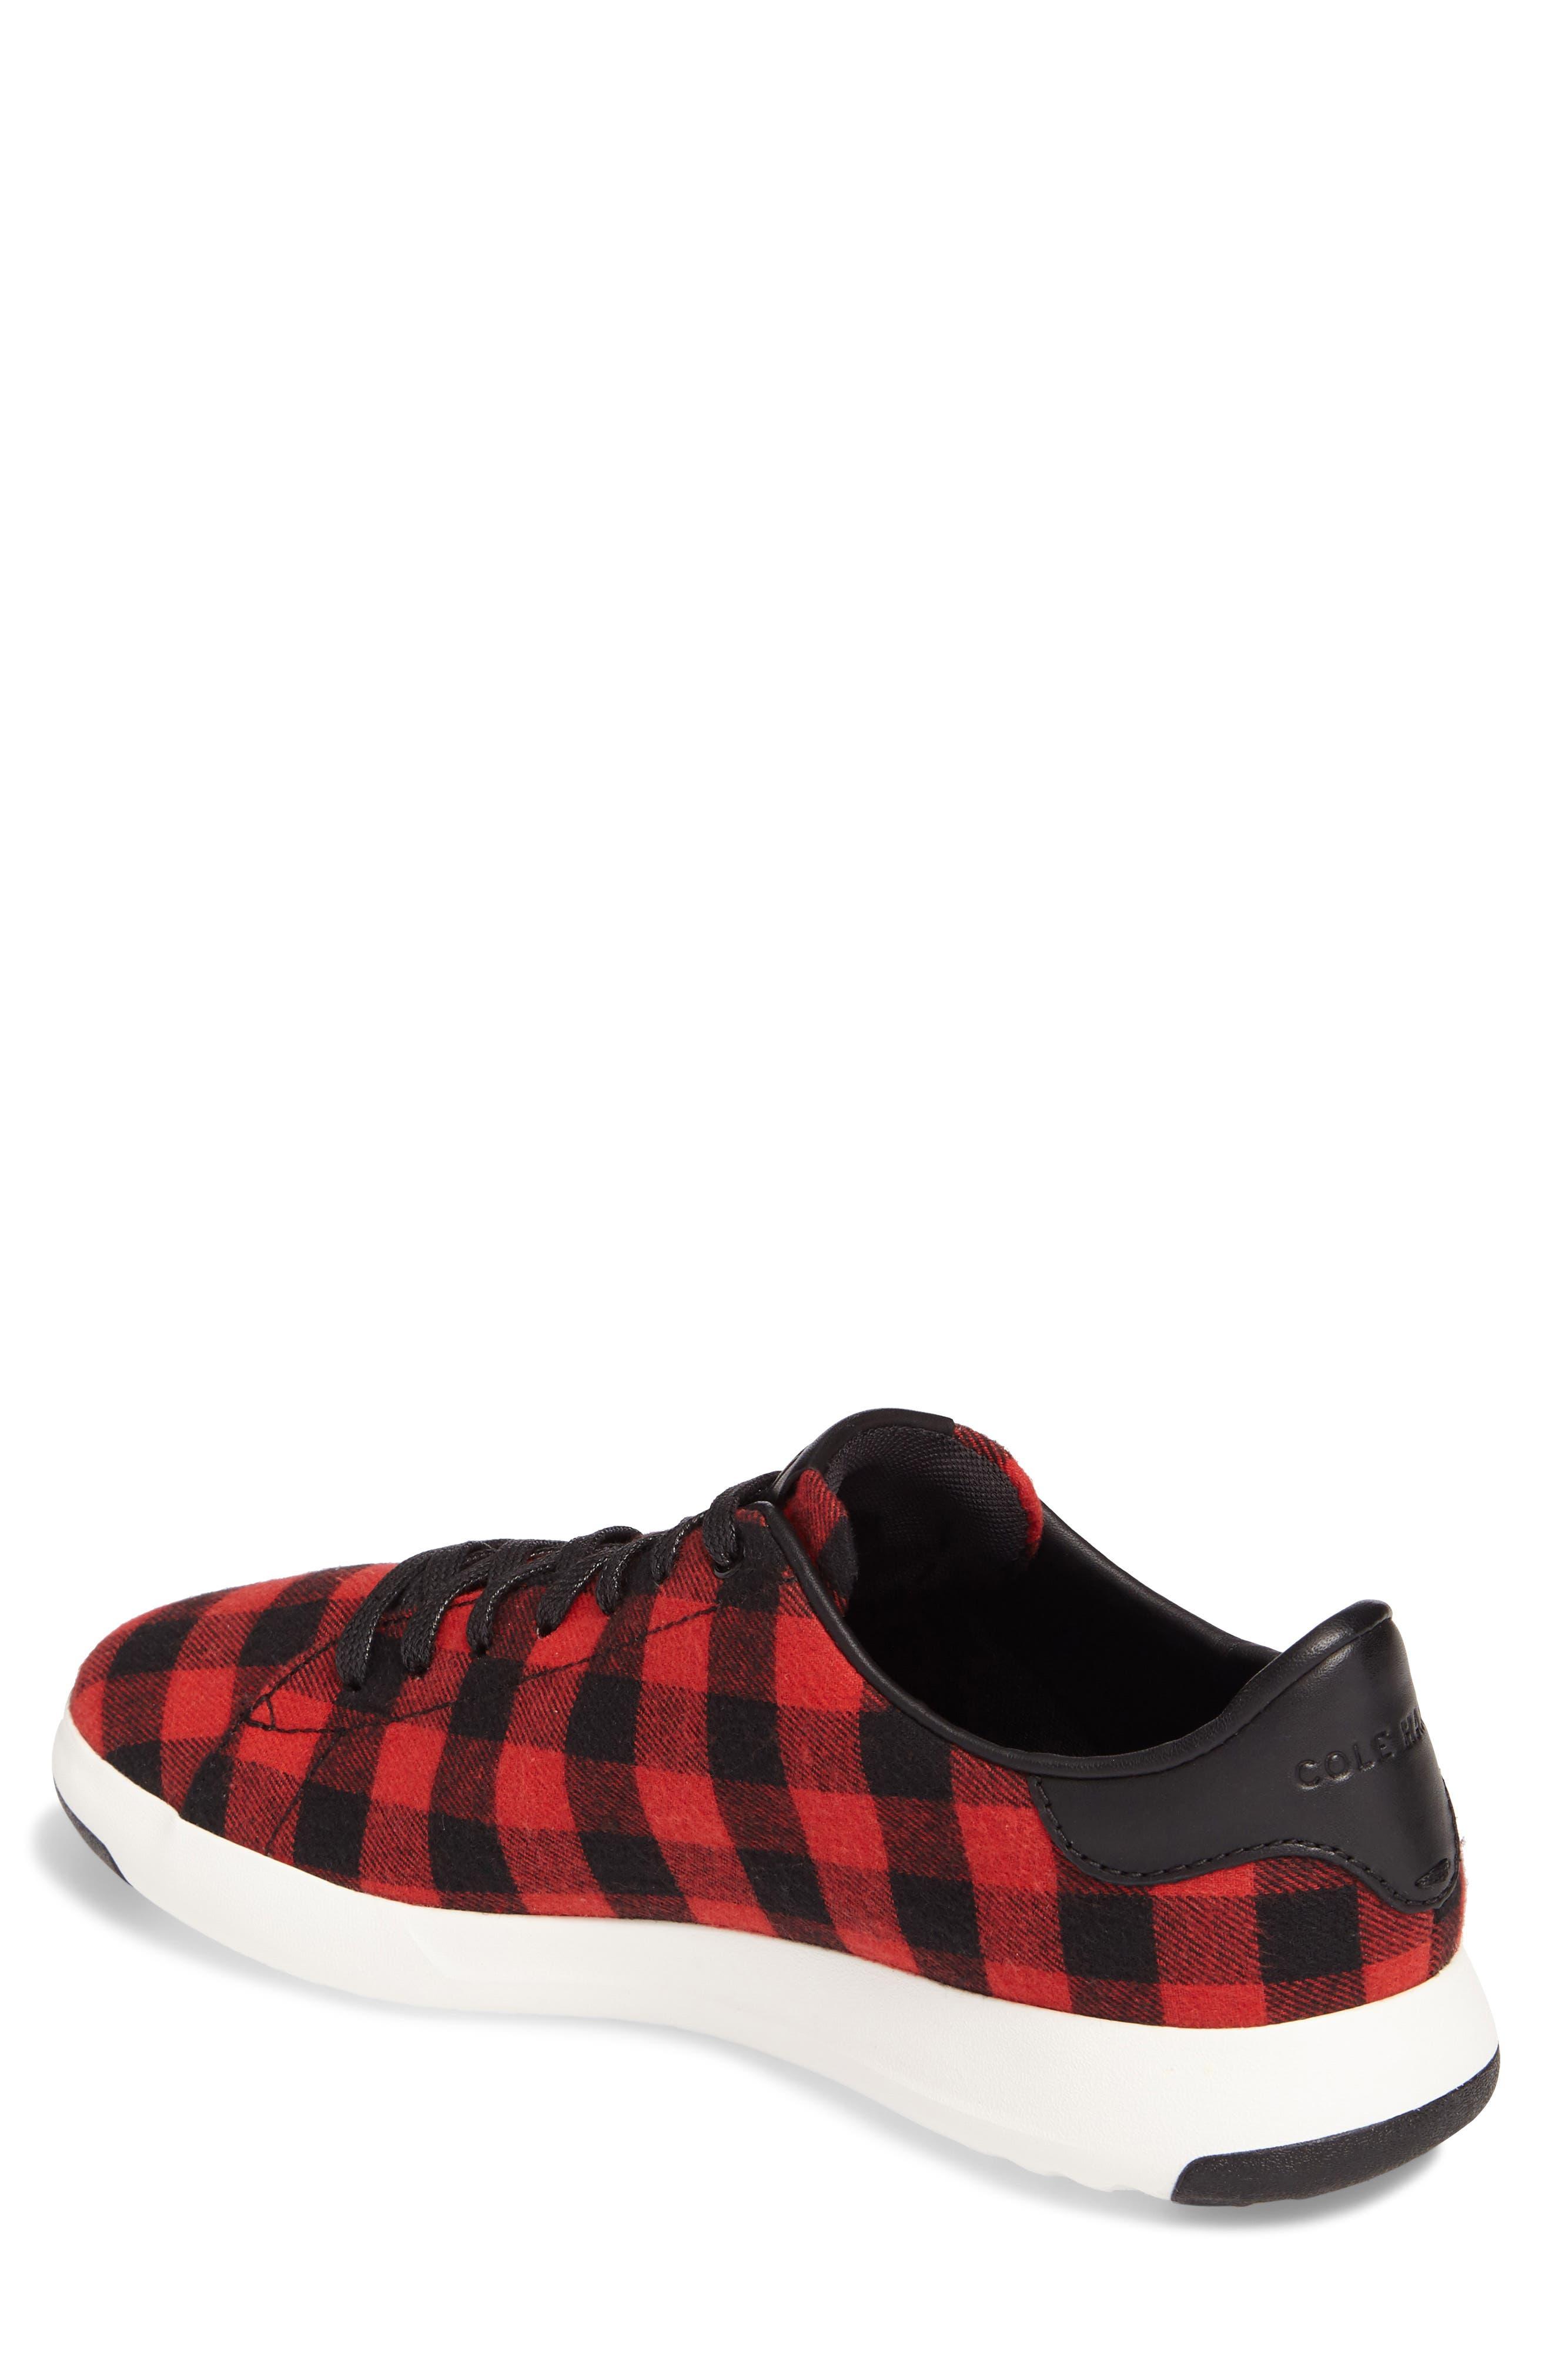 Alternate Image 2  - Cole Haan GrandPro Tennis Sneaker (Men)